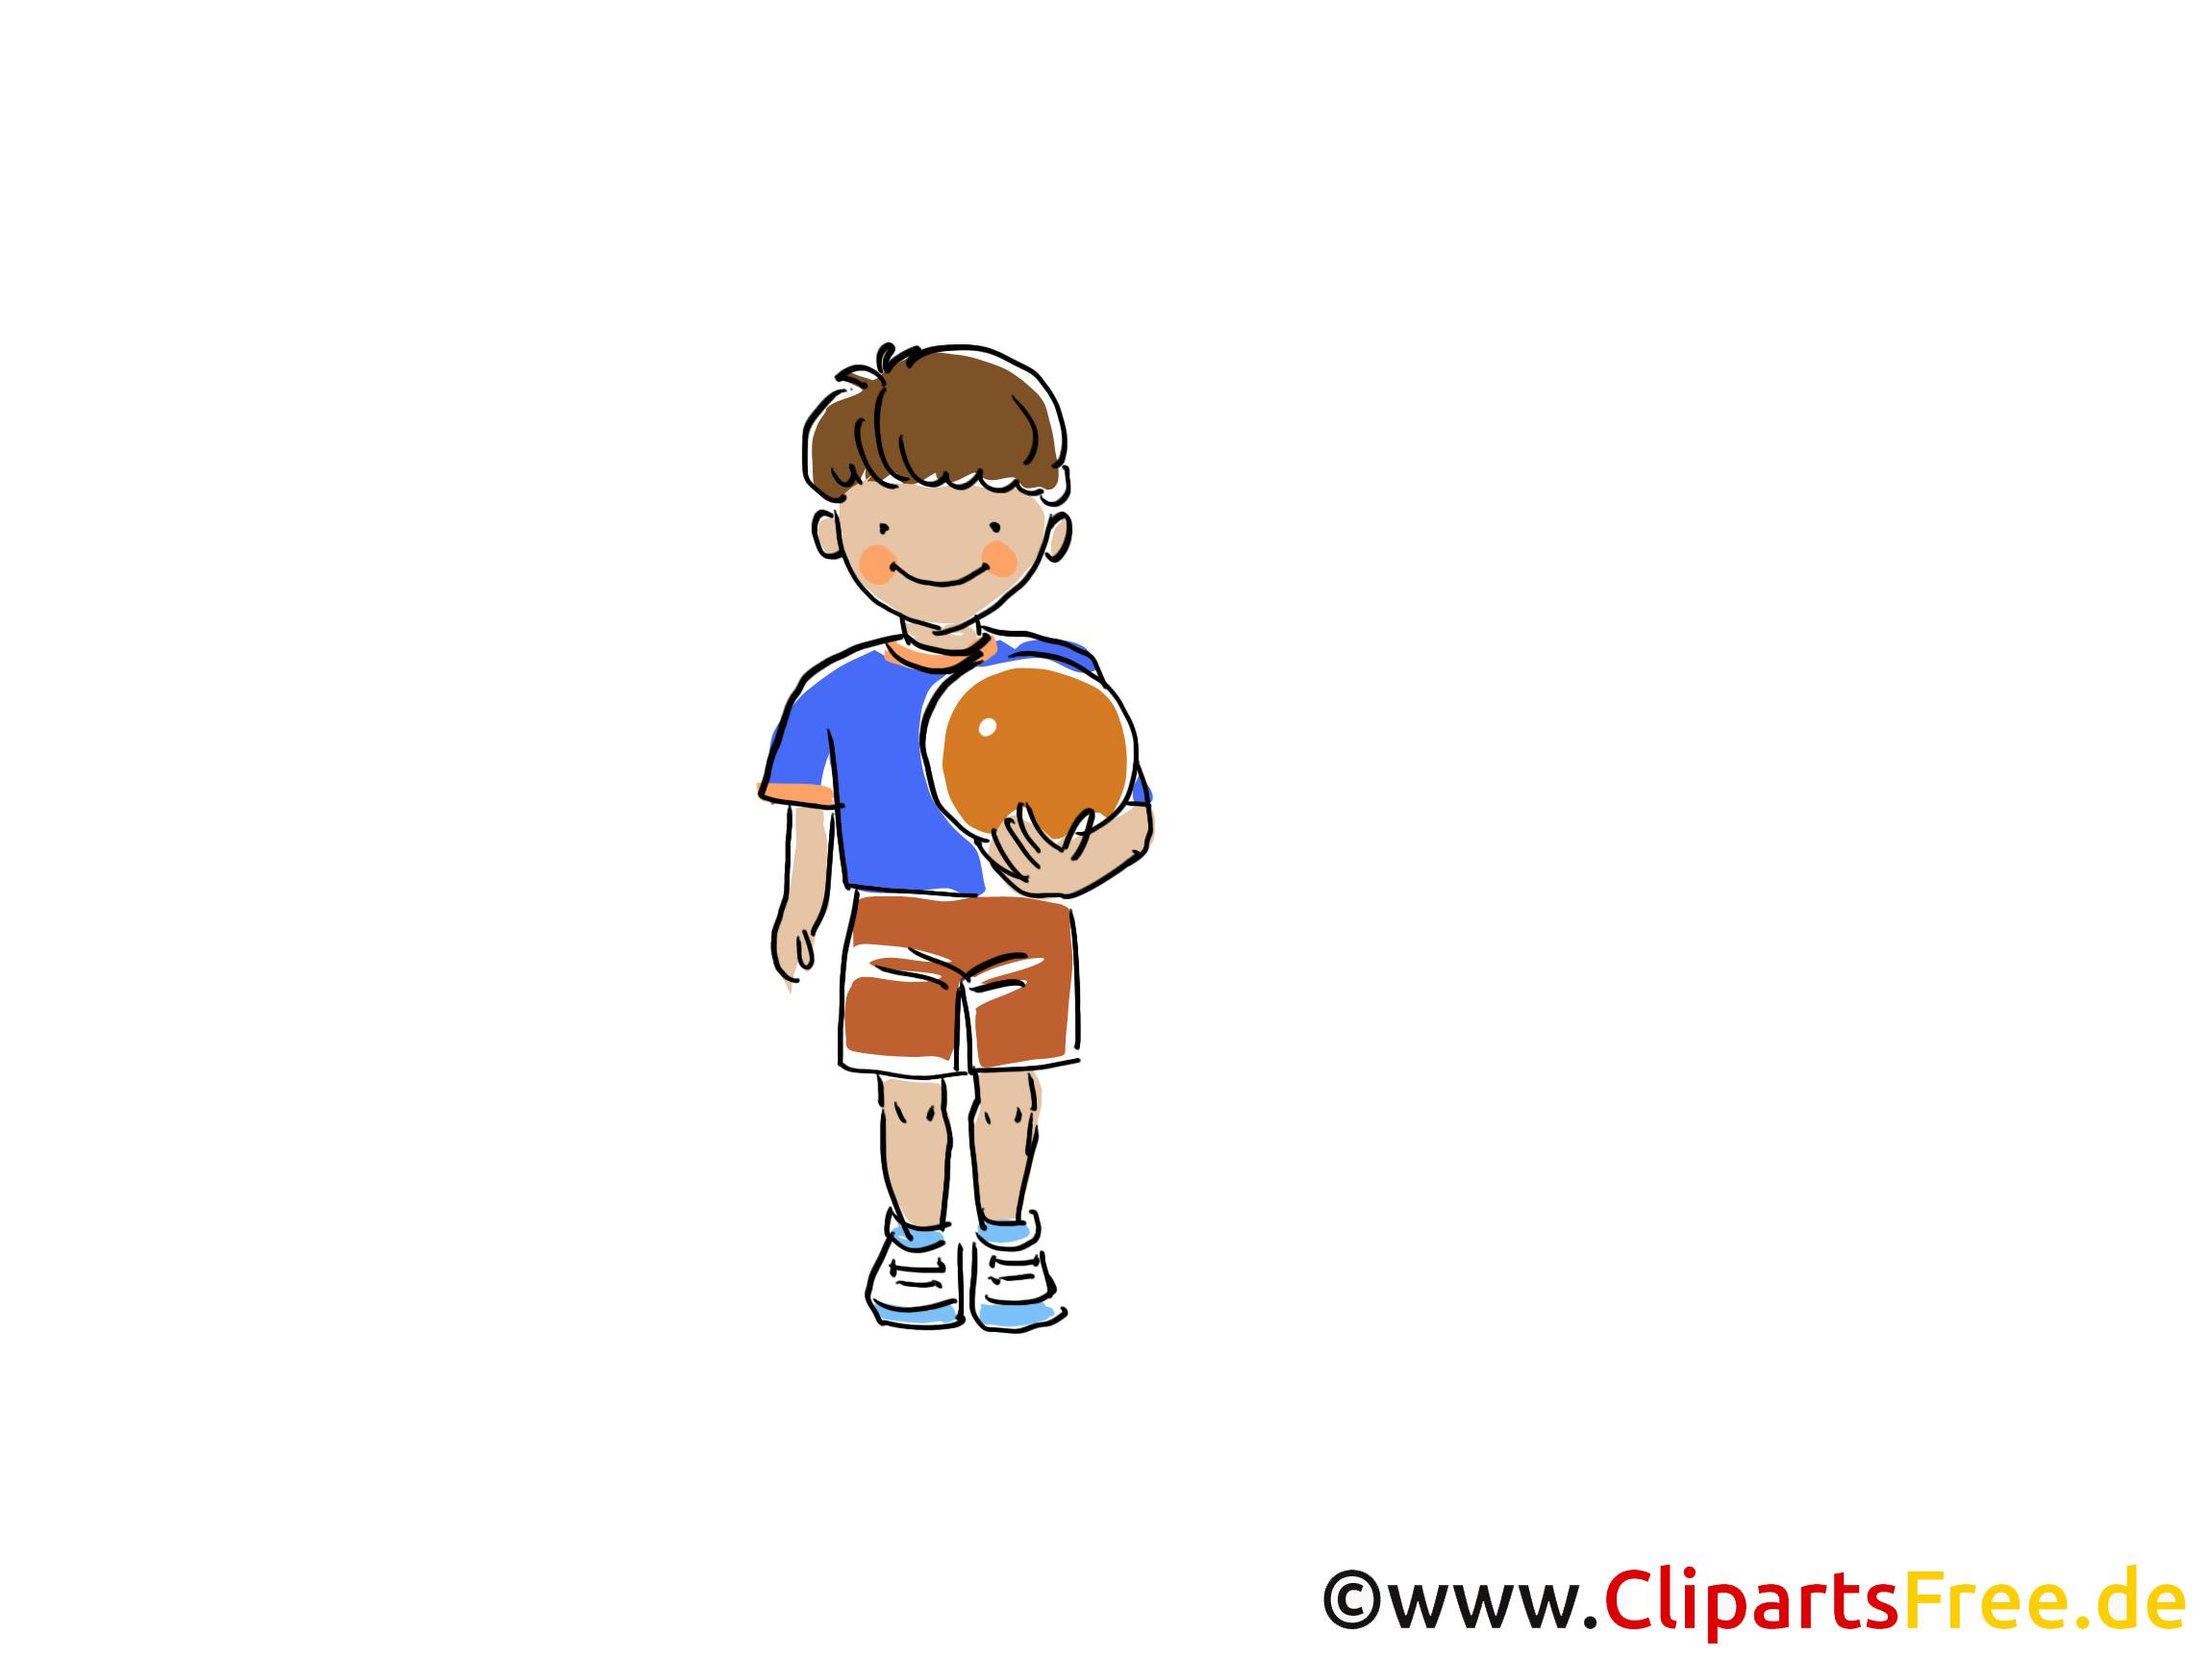 Beachvolleyball Bild, Sport Clipart, Comic, Cartoon, Image gratis